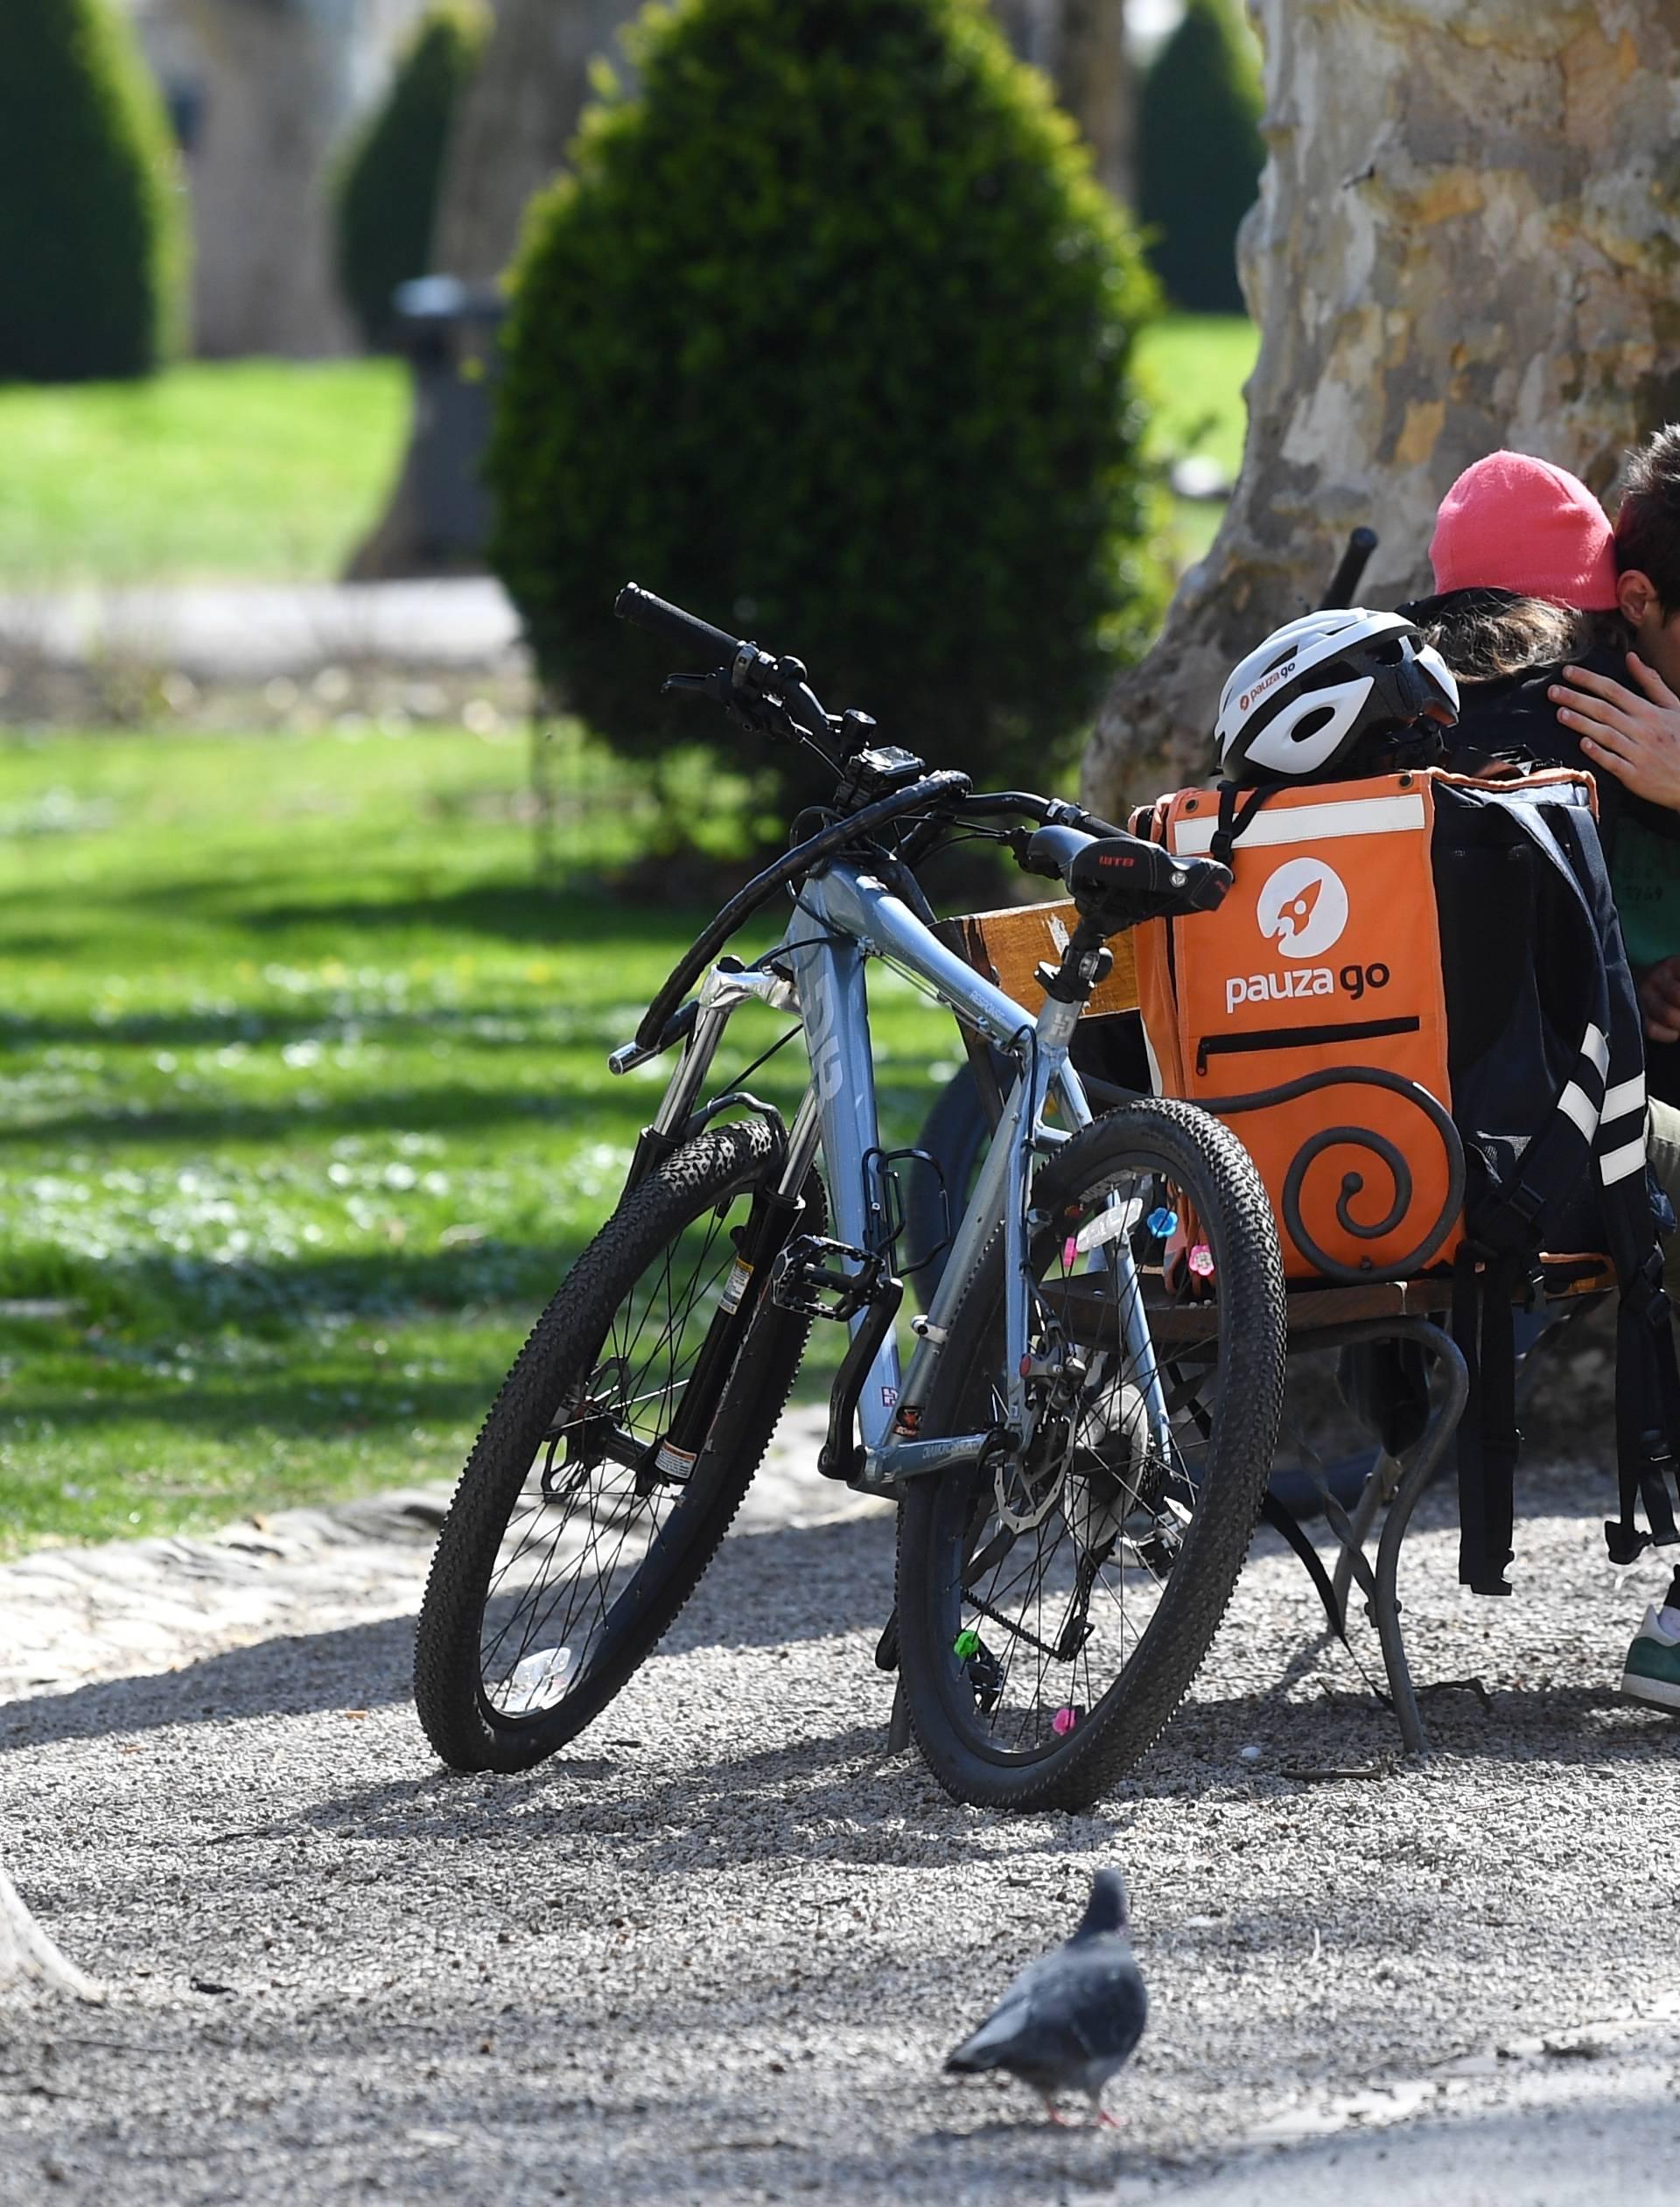 Zagreb: Ljubav između dostavljača na biciklima dvaju konkurentskih tvrtki